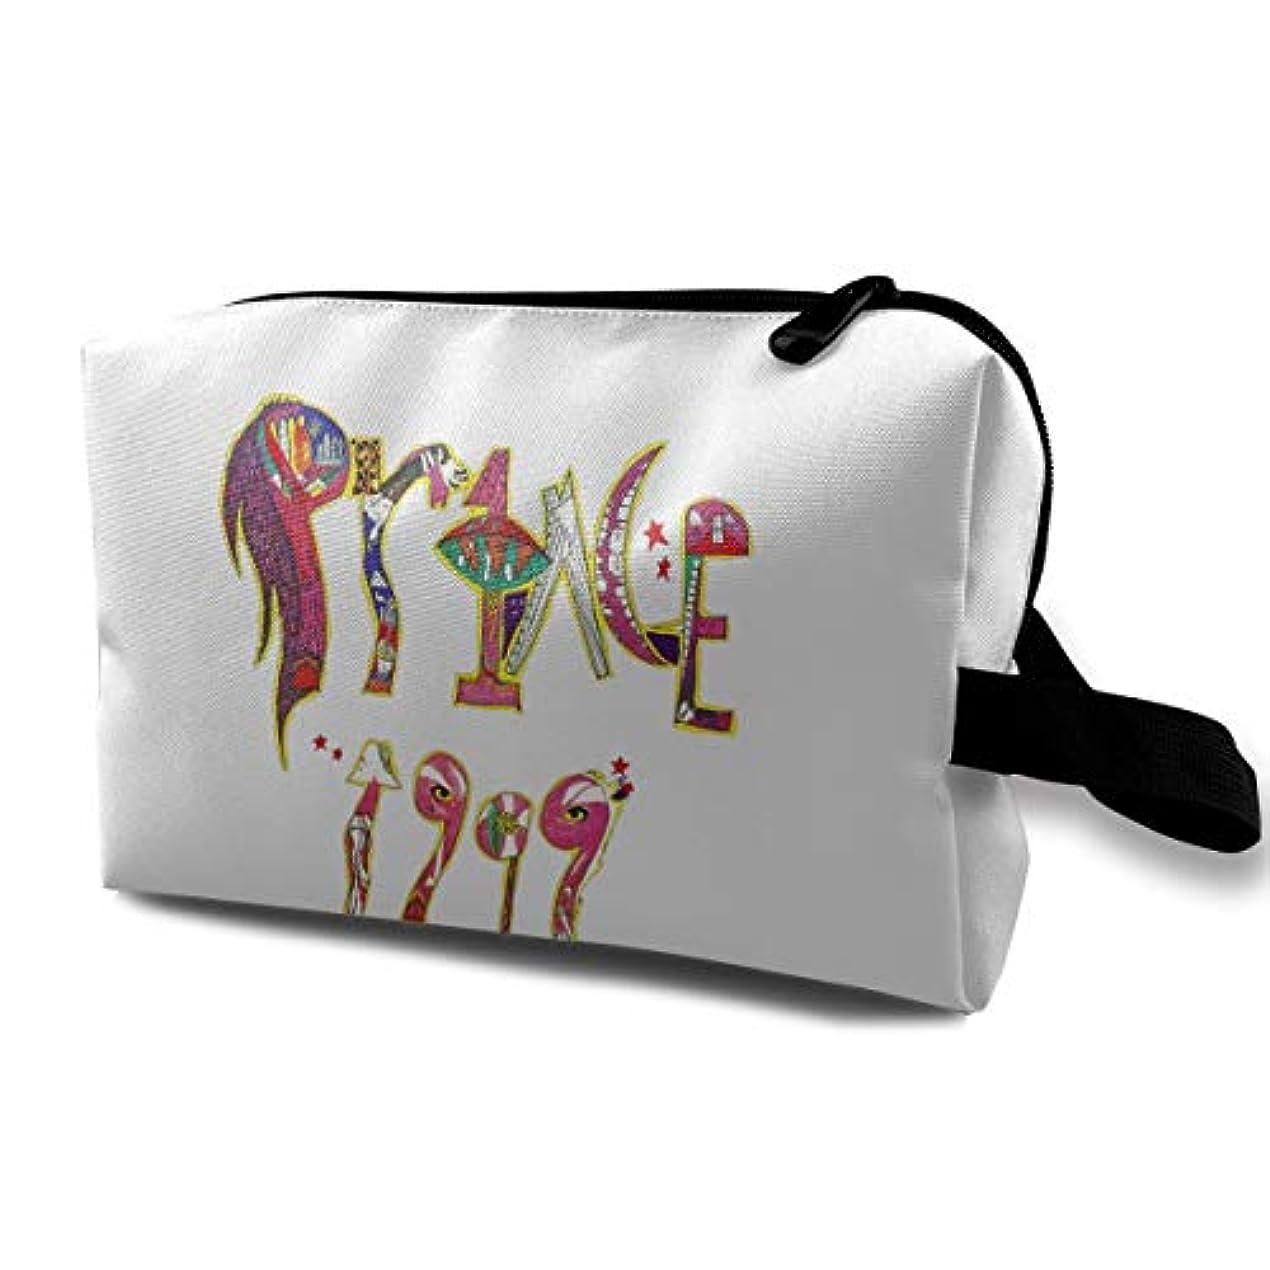 誘惑おしゃれな行き当たりばったり化粧ポーチ 防水 機能的 旅行化粧品バッグ 持ち運び便利 トラベル収納バッグ